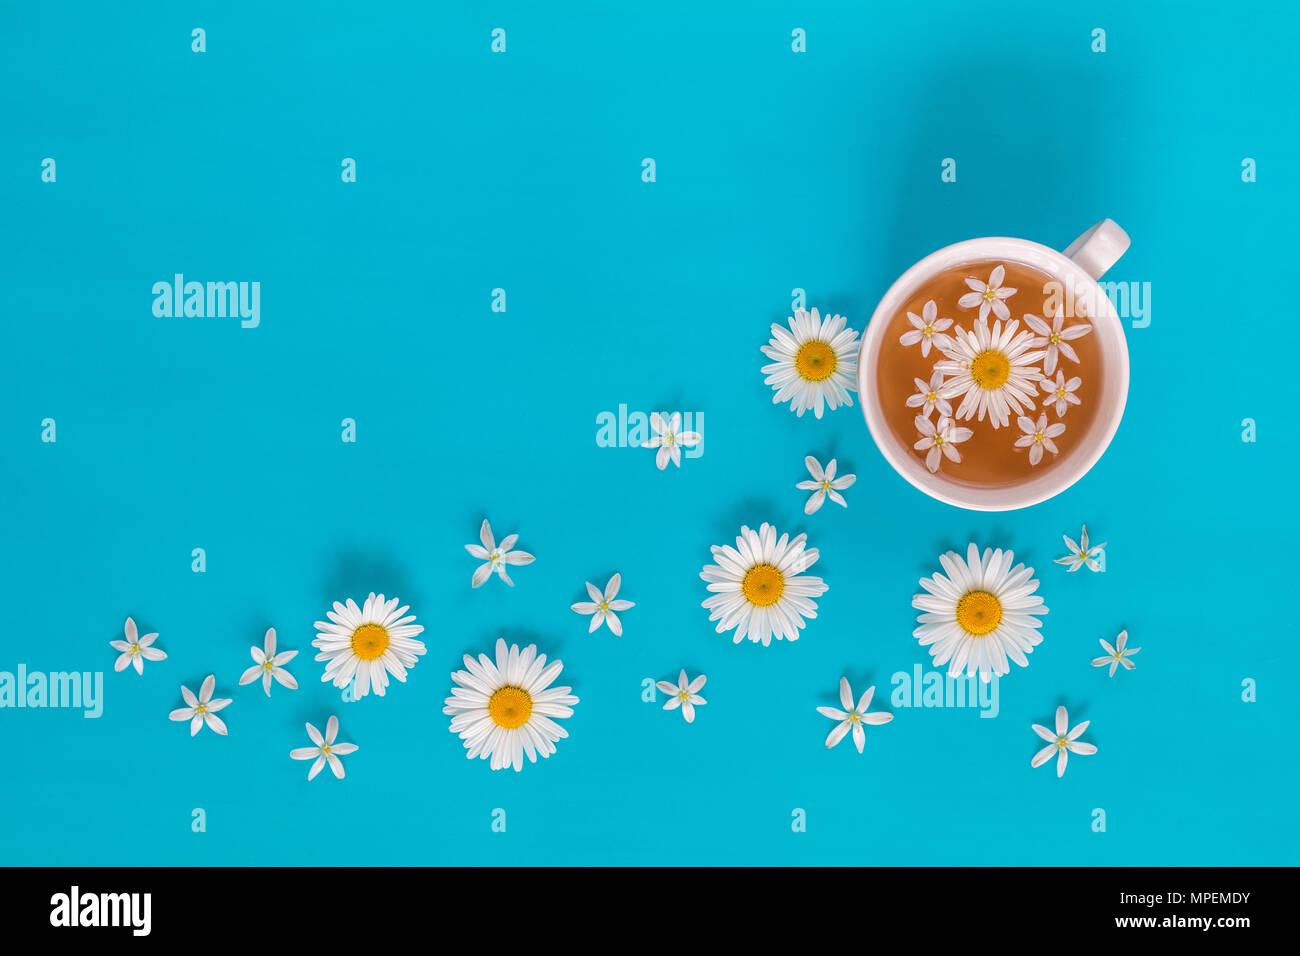 Tasse Tee mit frischen Blumen blühen Blumen auf blau Oberfläche. Flach, Ansicht von oben Essen floral background. Stockbild